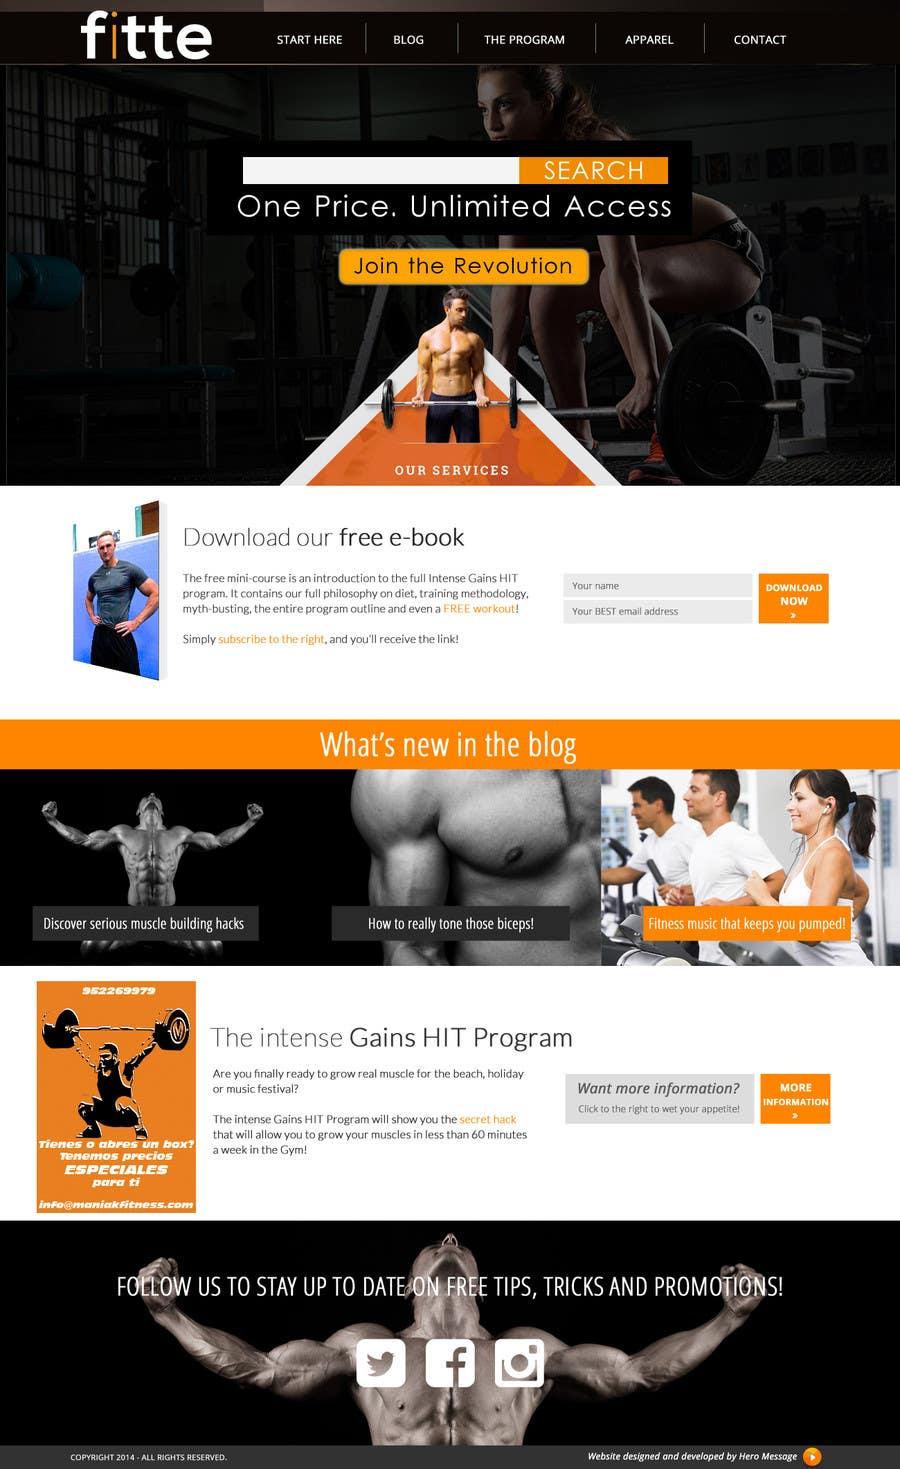 Konkurrenceindlæg #                                        20                                      for                                         Design a Website Mockup for Fitness Business